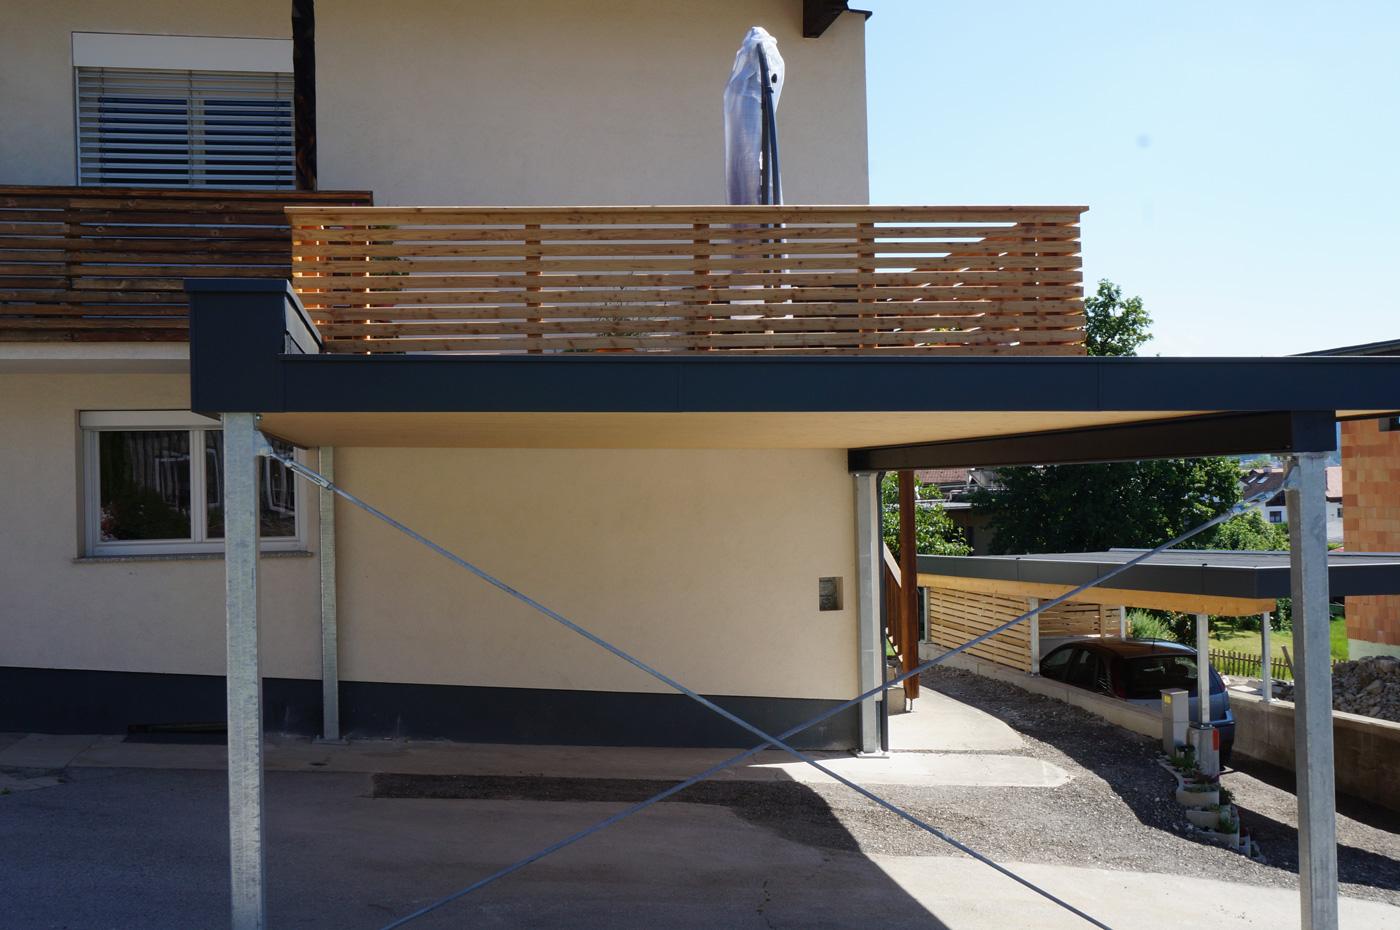 carport-9-2019-mit-integrierter-begehbarer-terrasse-holzbau-zimmerei-norz-thaur-3.jpg